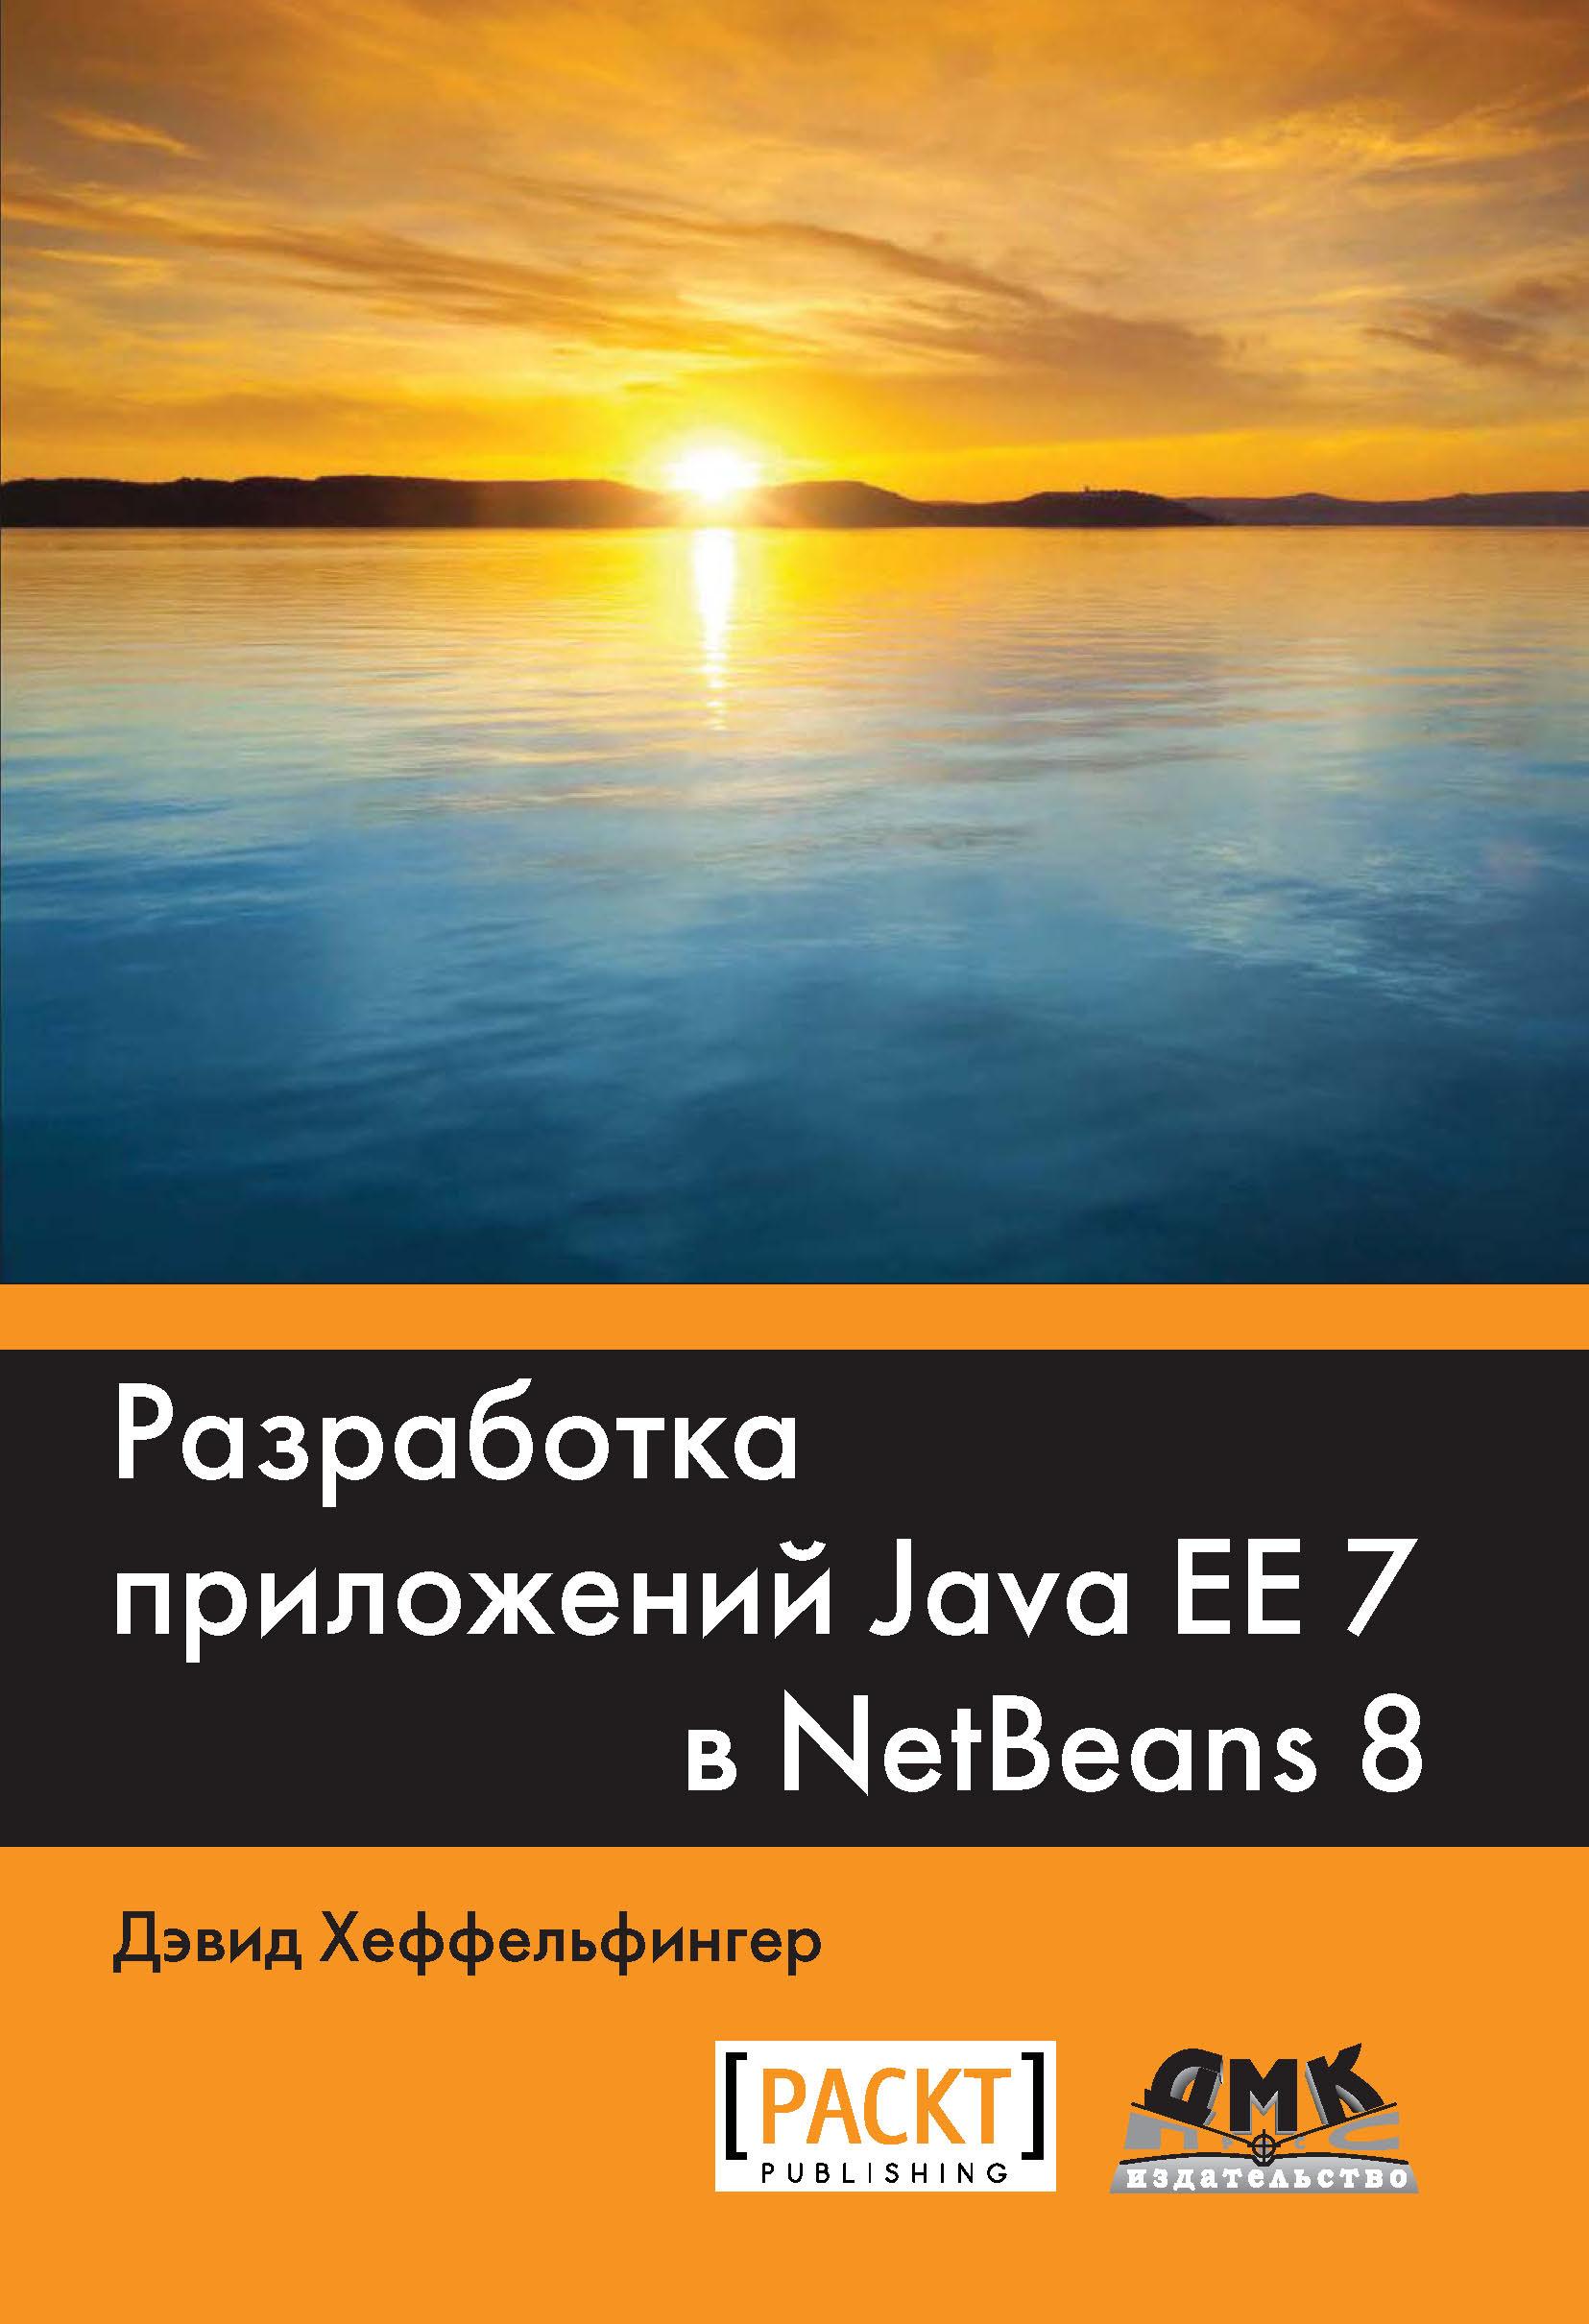 Дэвид Хеффельфингер Разработка приложений Java EE 7 в NetBeans 8 вадим монахов язык программирования java и среда netbeans